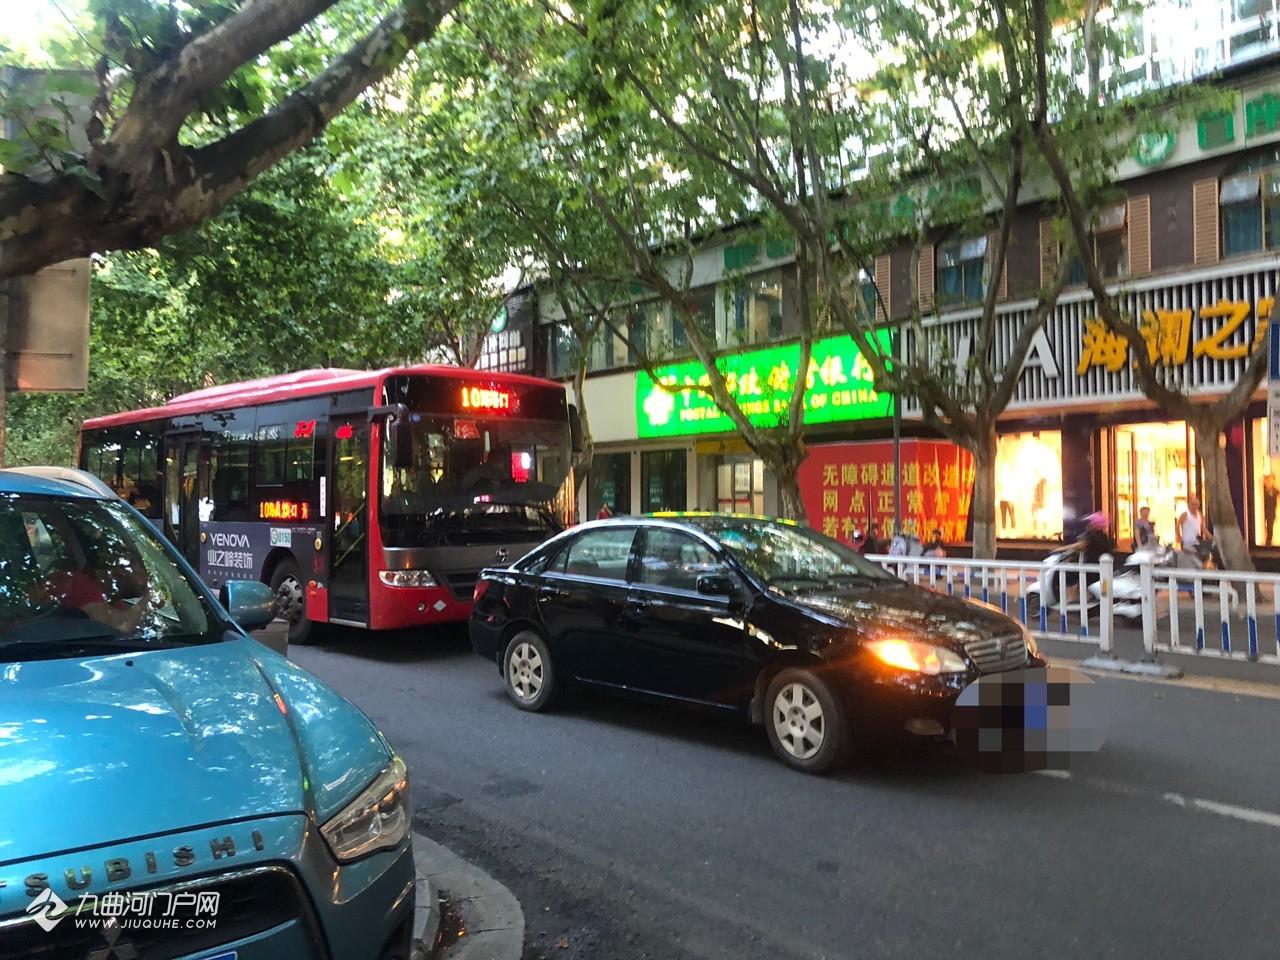 奇葩!刚刚在资阳和平路有辆小车挡在公交车面前,司机过了一会匆匆上车开走!